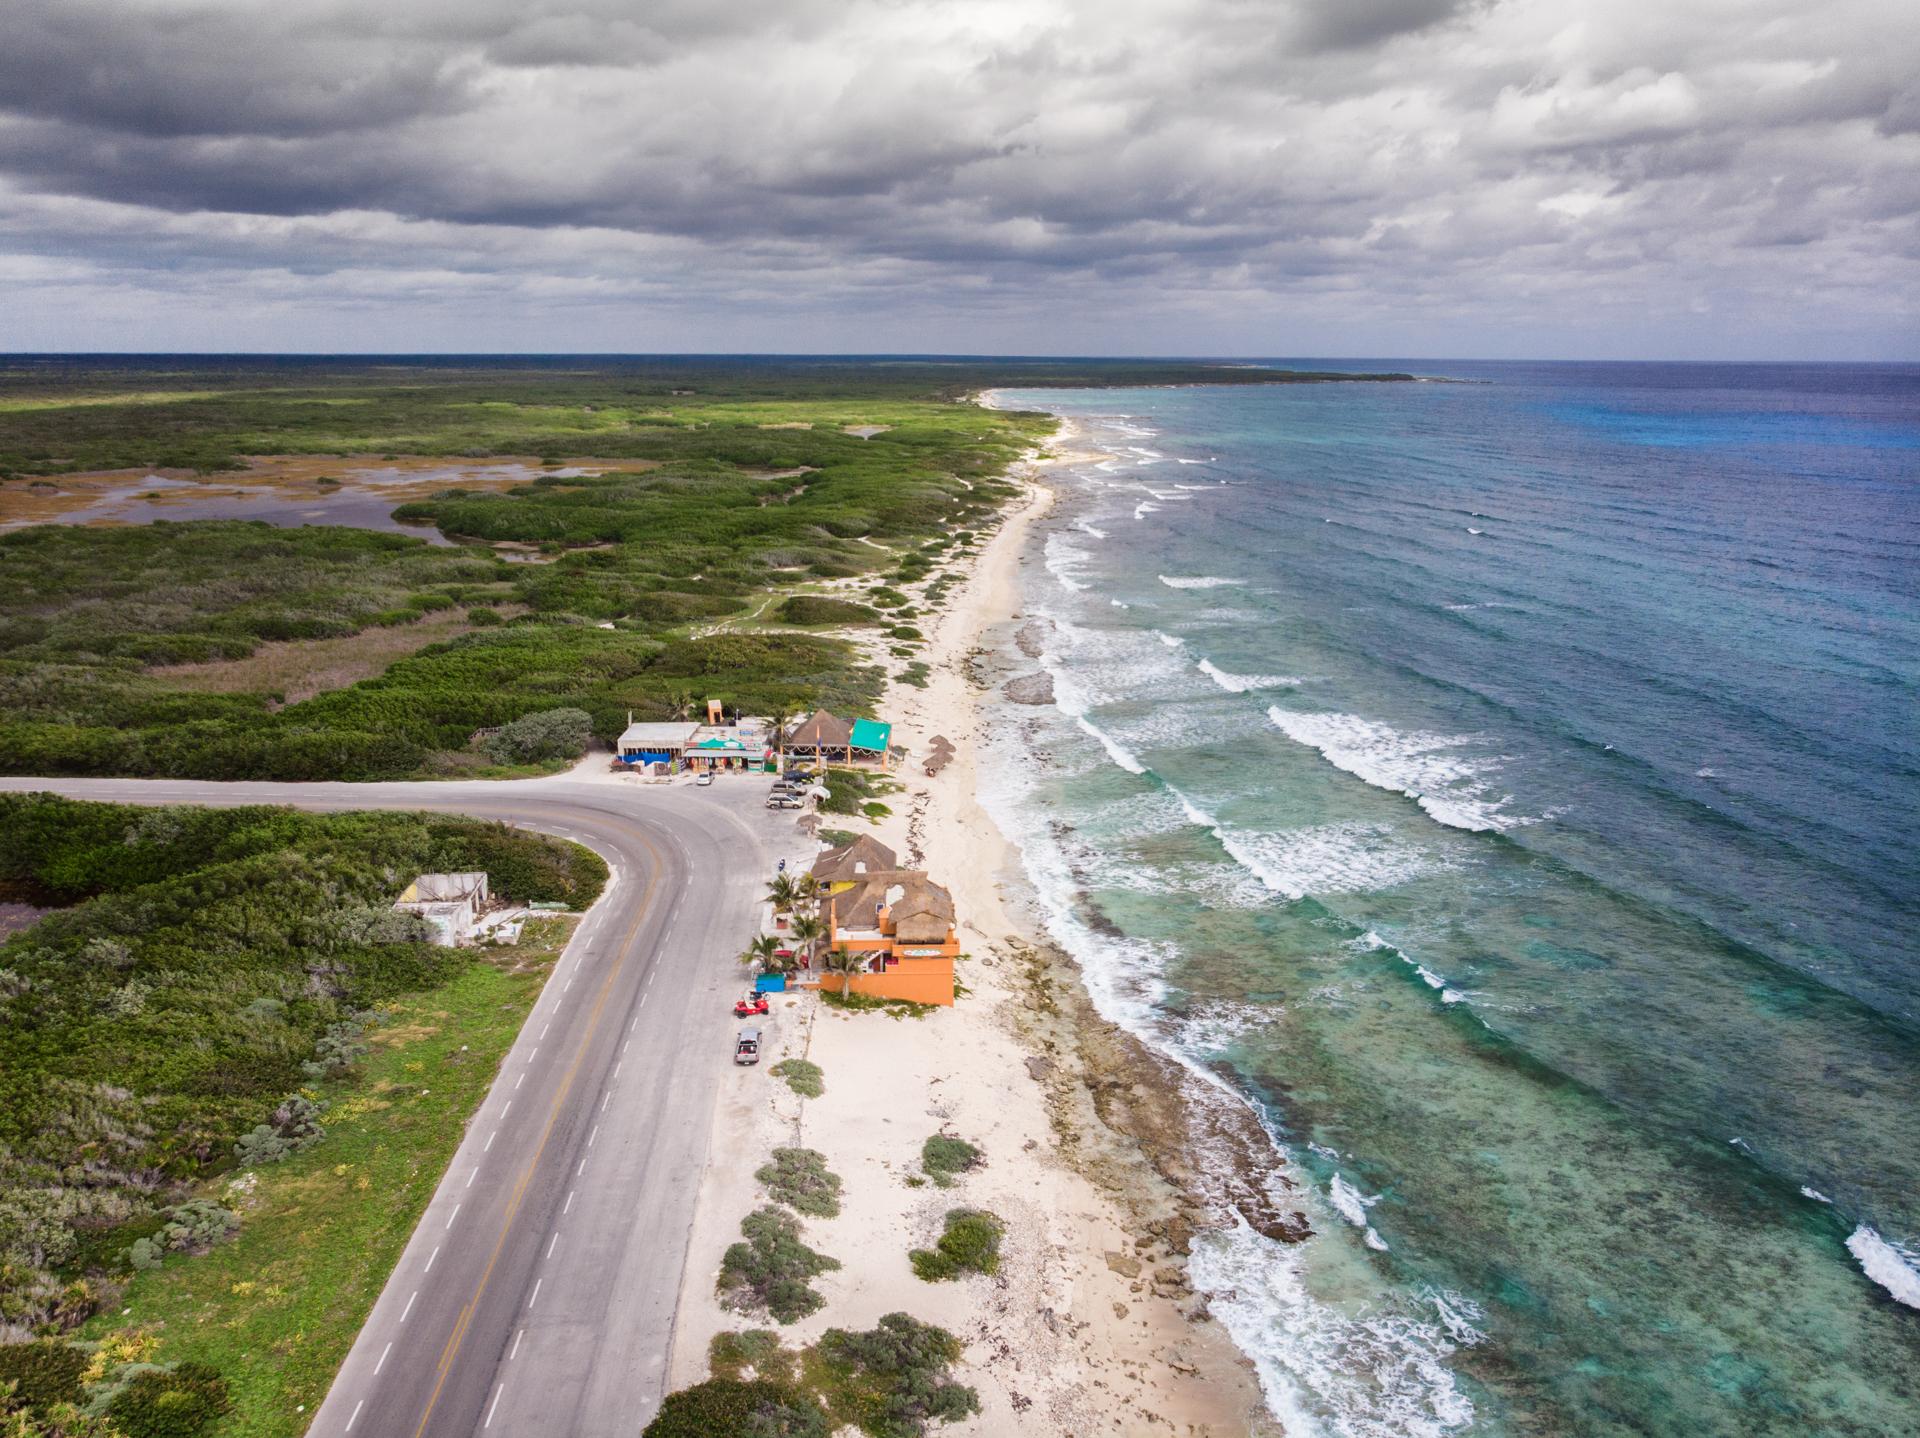 Wyspa oczarowała mnie przede wszystkim częścią południową. Skalistymi nabrzeżami, opustoszałymi plażami ipustymi ścieżkami rowerowymi. Cozumel jest niewielkie. Można się wybrać najej objazd skuterem lub jak ja - rowerem. Wystarczy natojeden dzień, choć wyspa Cozueml jest idealna napołudniu szczególnie, bywybrać się tu nadłuższe biwakowanie znamiotem.Na wyspę ściągają przede wszystkim amatorzy nurkowania. Toponoć jedno znajlepszych miejsc donauki nurkowania.